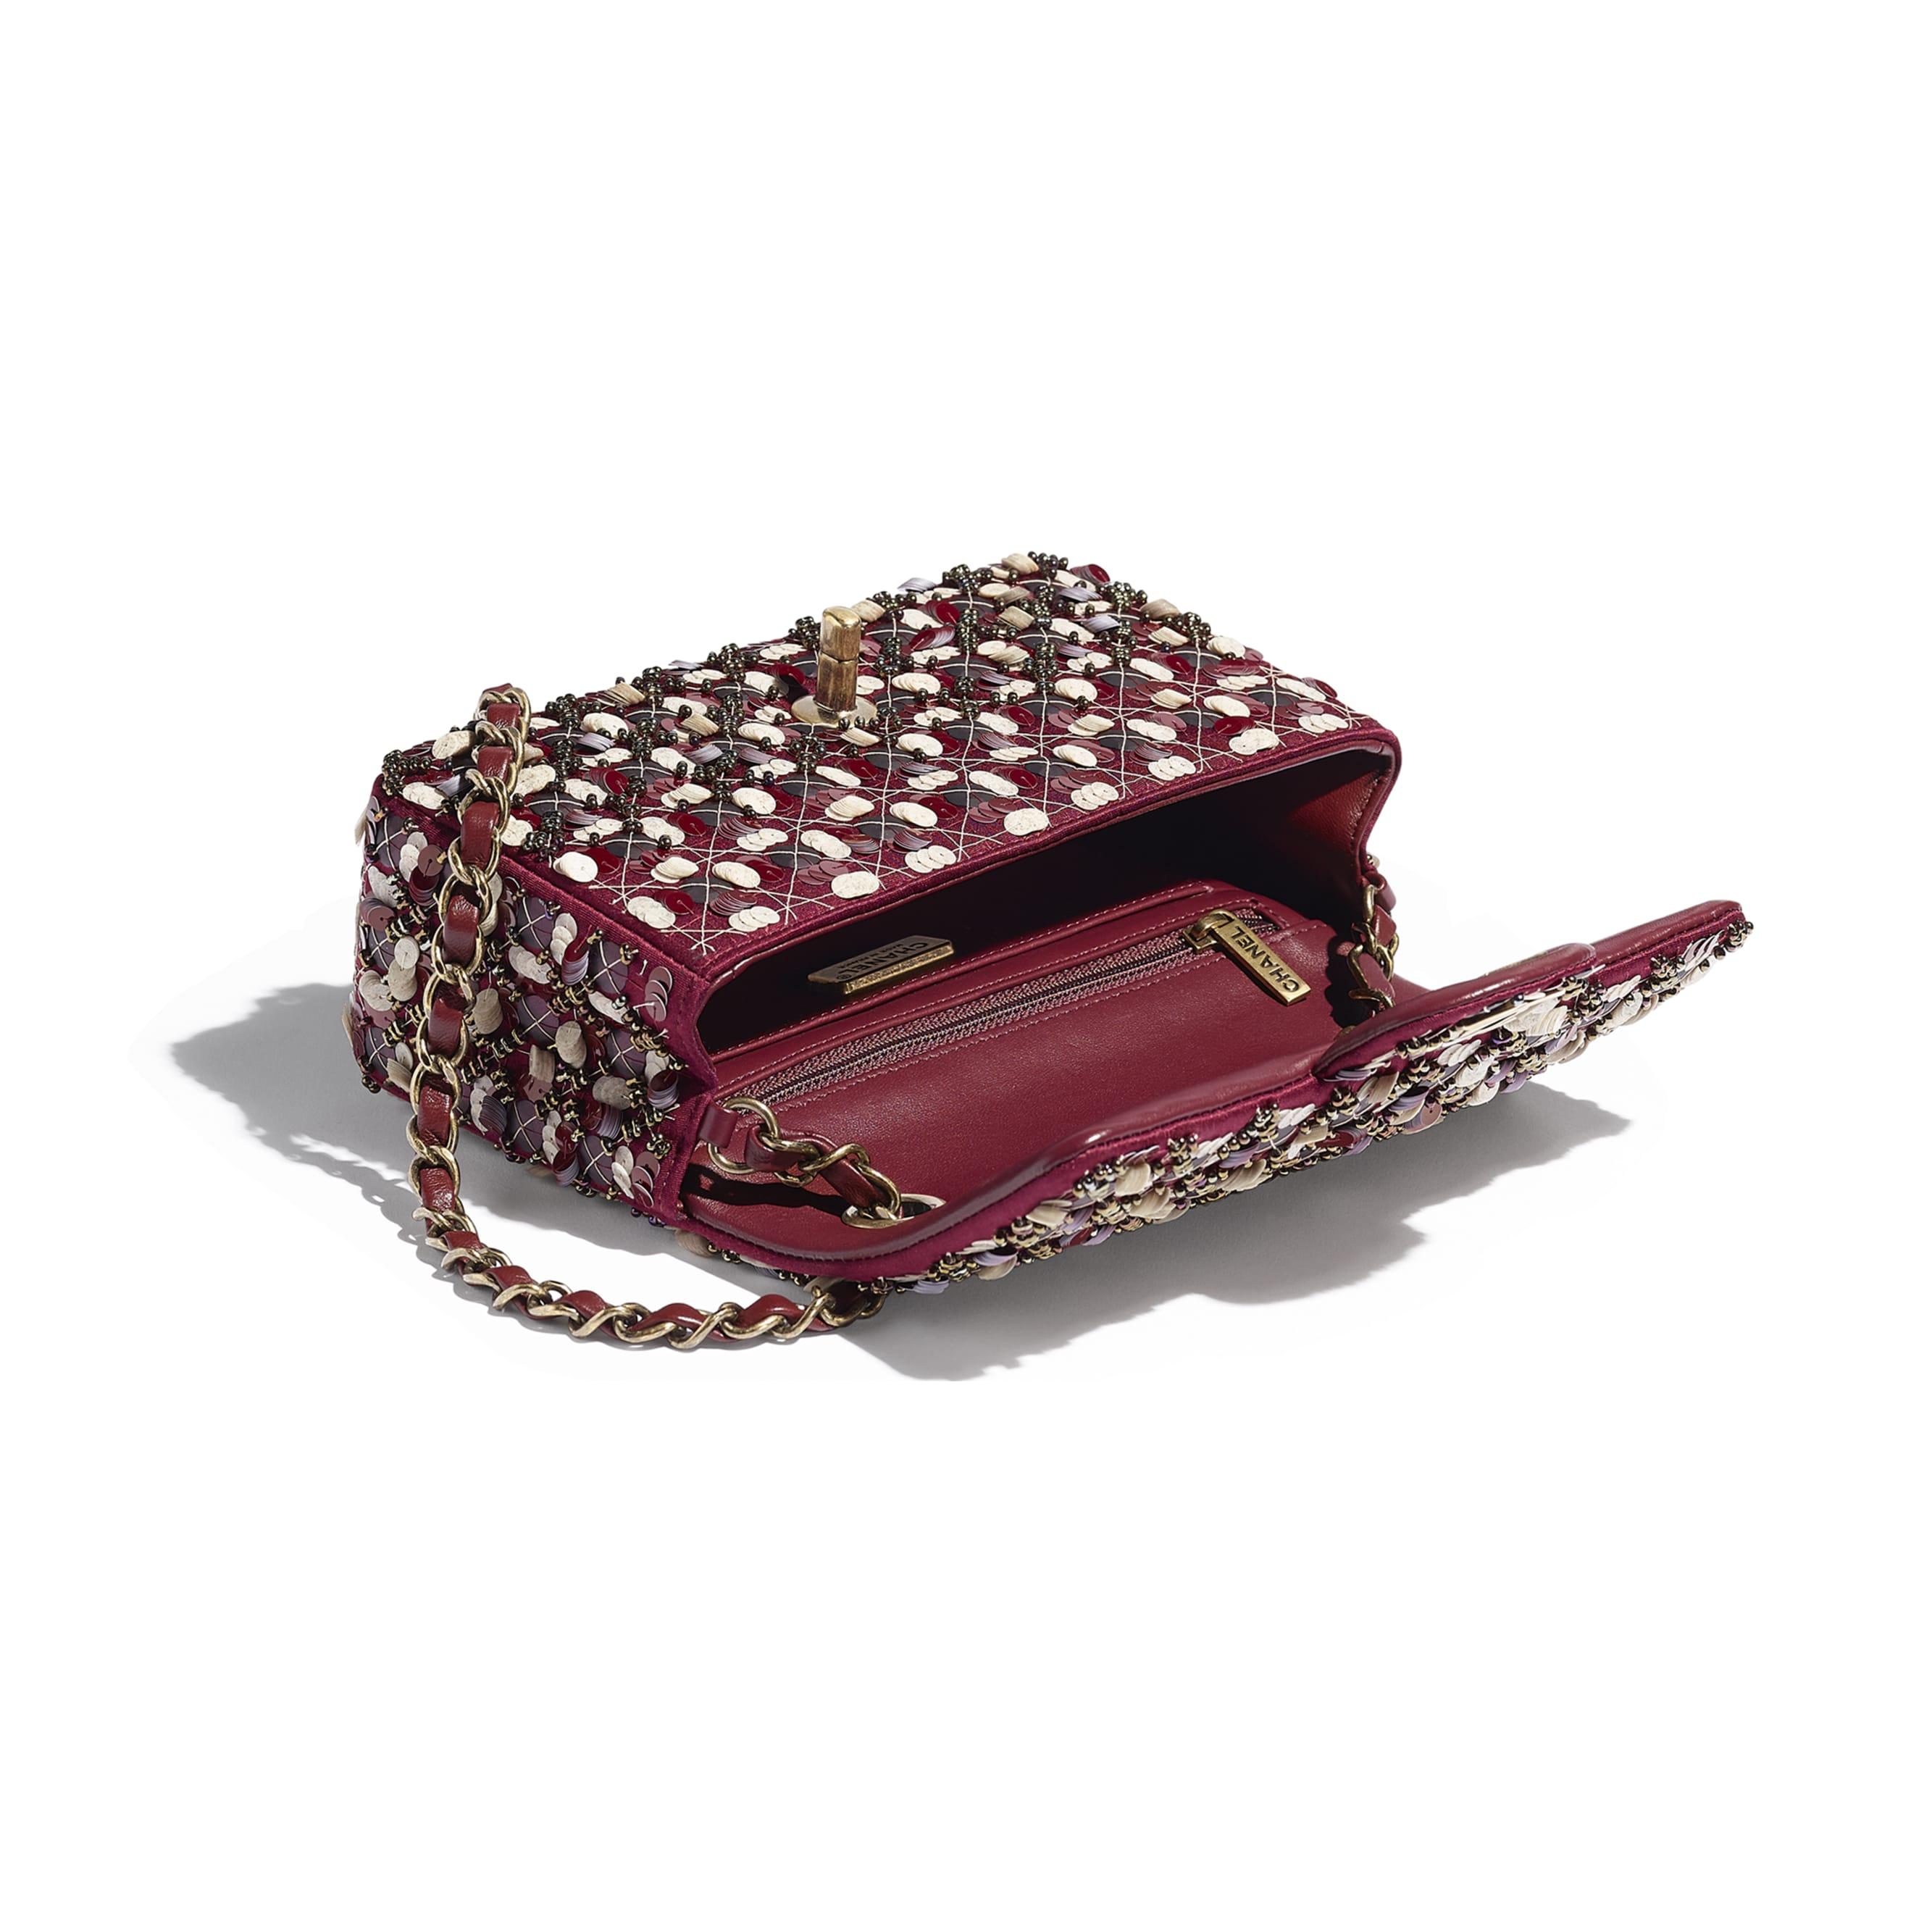 Torebka z klapką wersja mini - Kolor bordowy, różowy i biały - Satyna, cekiny, szklane perły i metal w tonacji złotej  - CHANEL - Inny widok – zobacz w standardowym rozmiarze